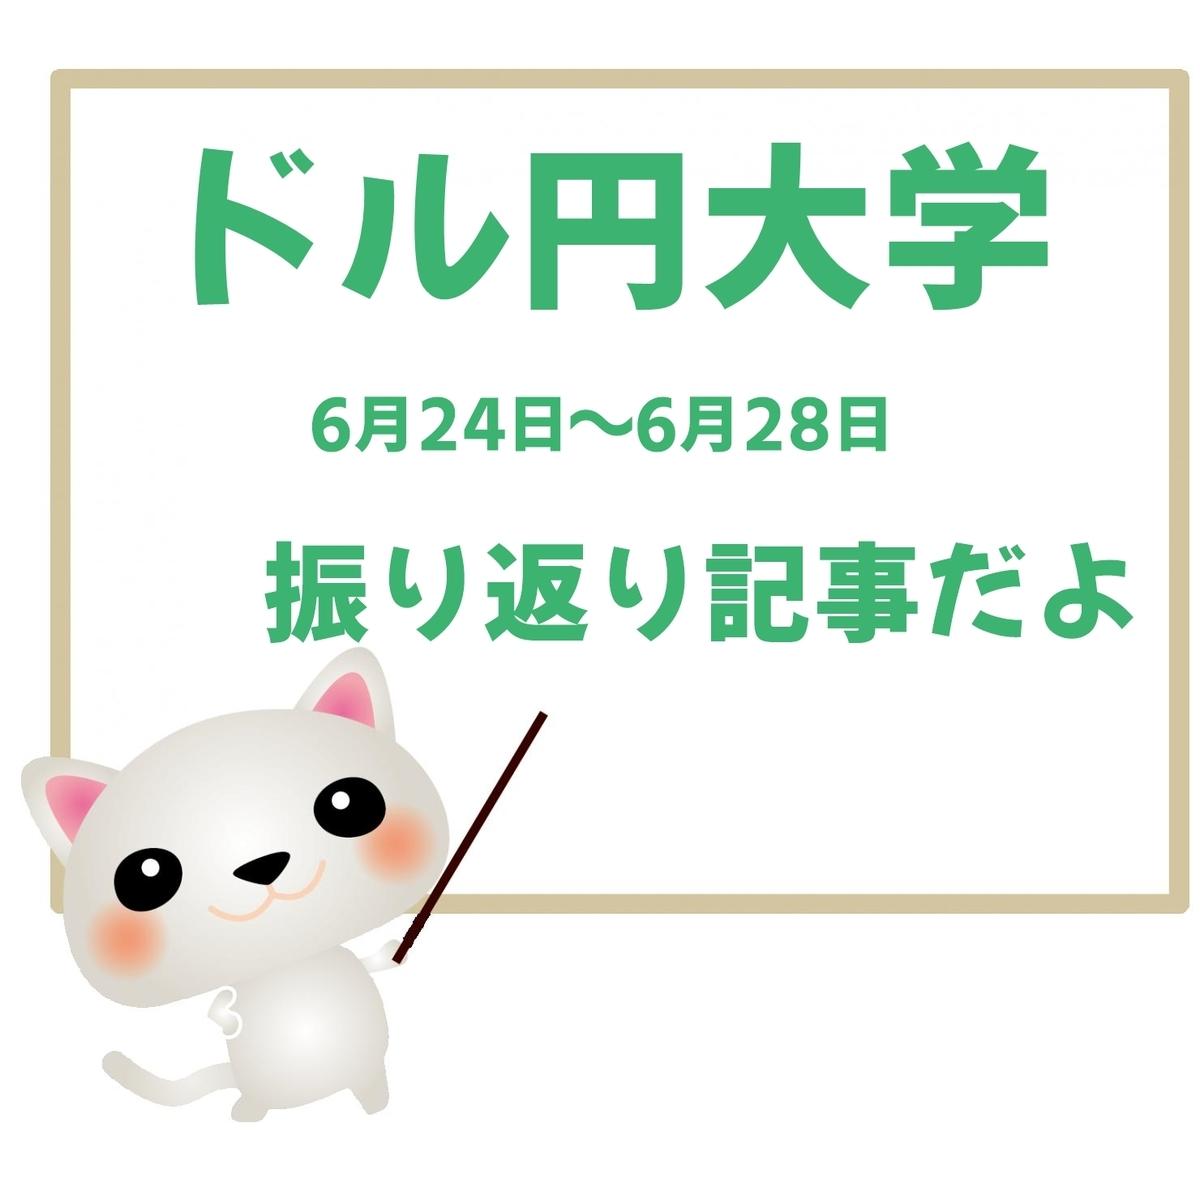 ドル円大学